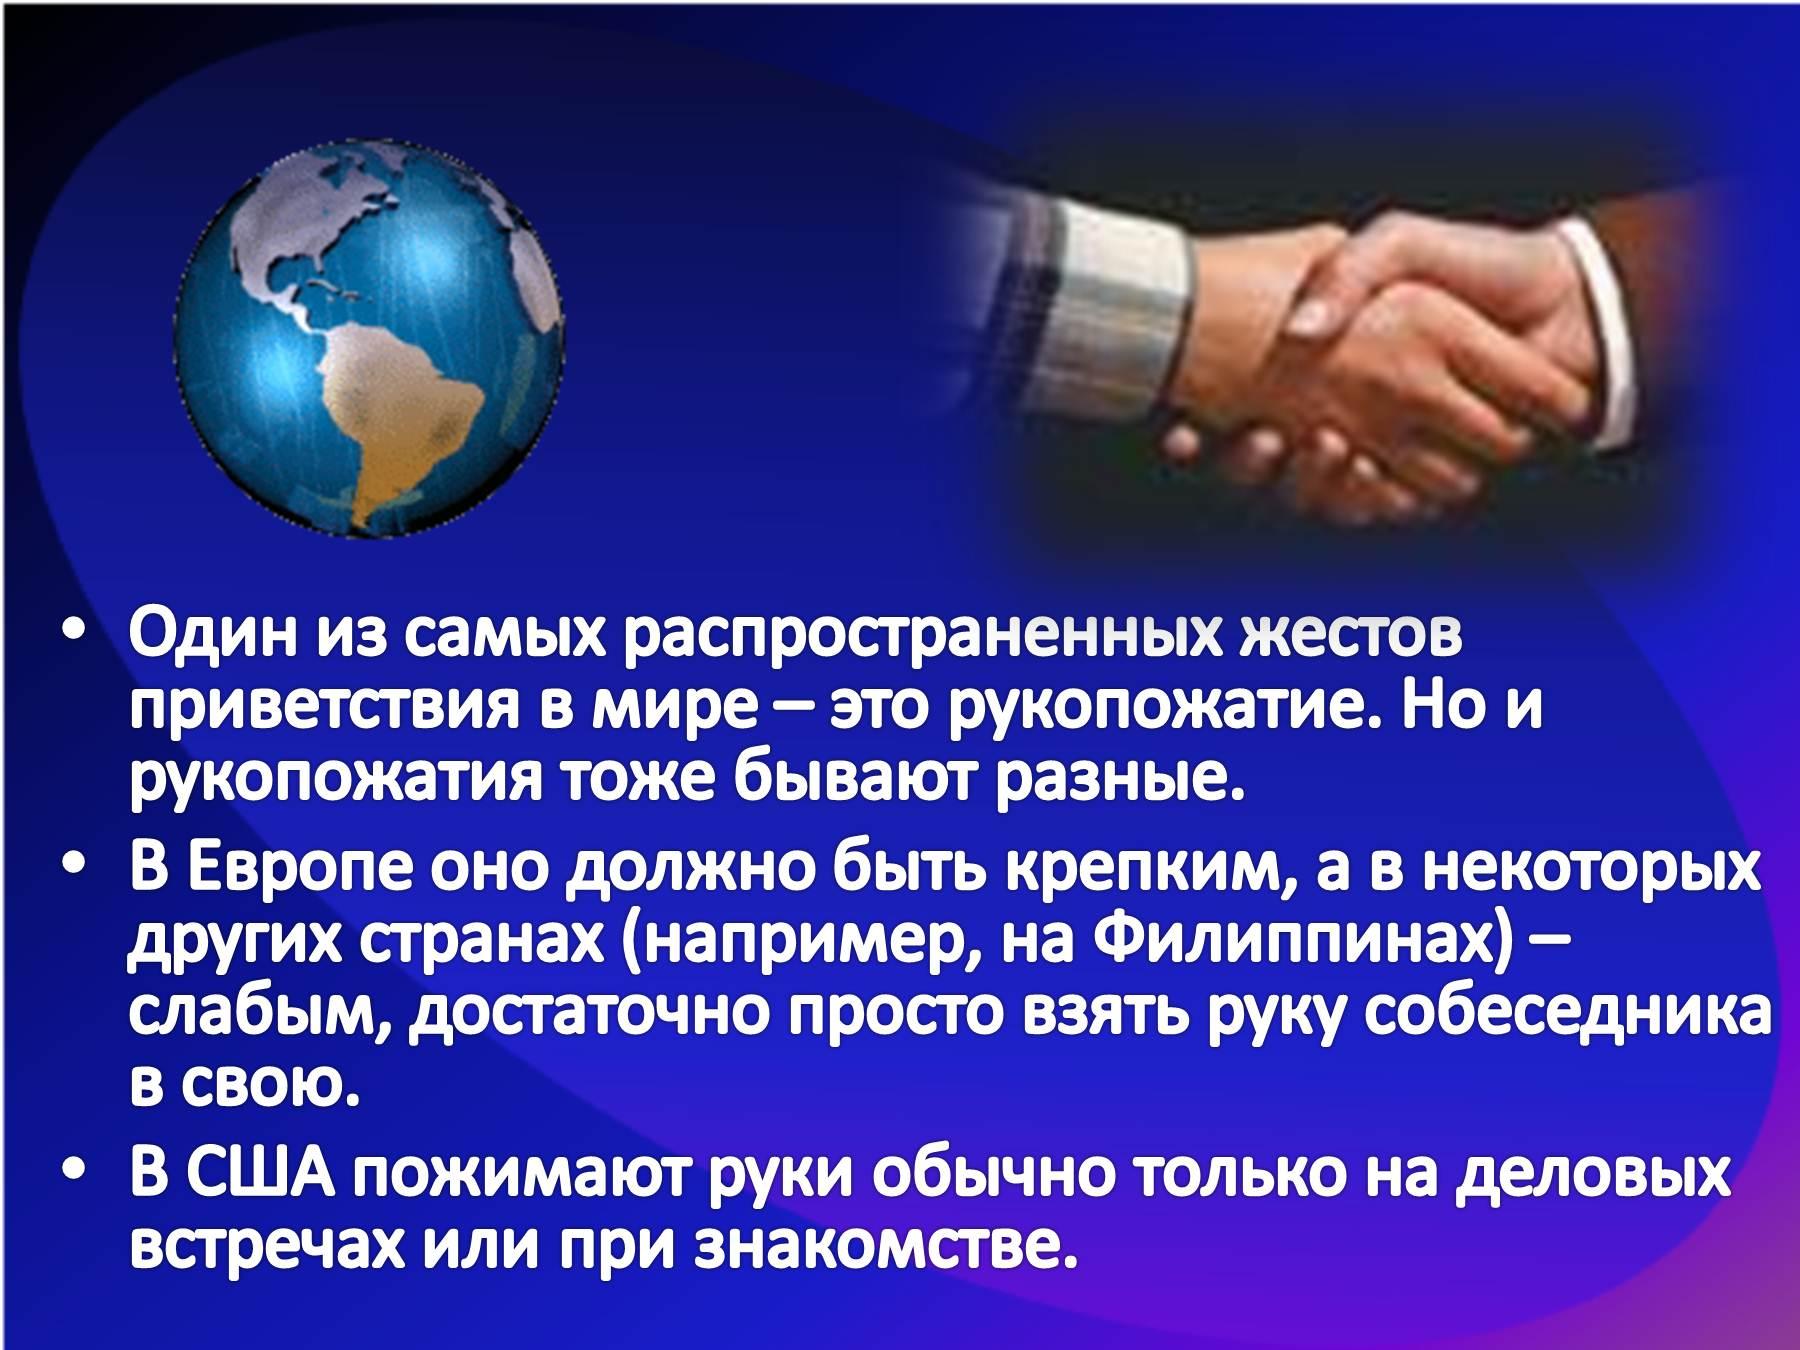 крошечные приветствие в россии жесты аристократическая внешность